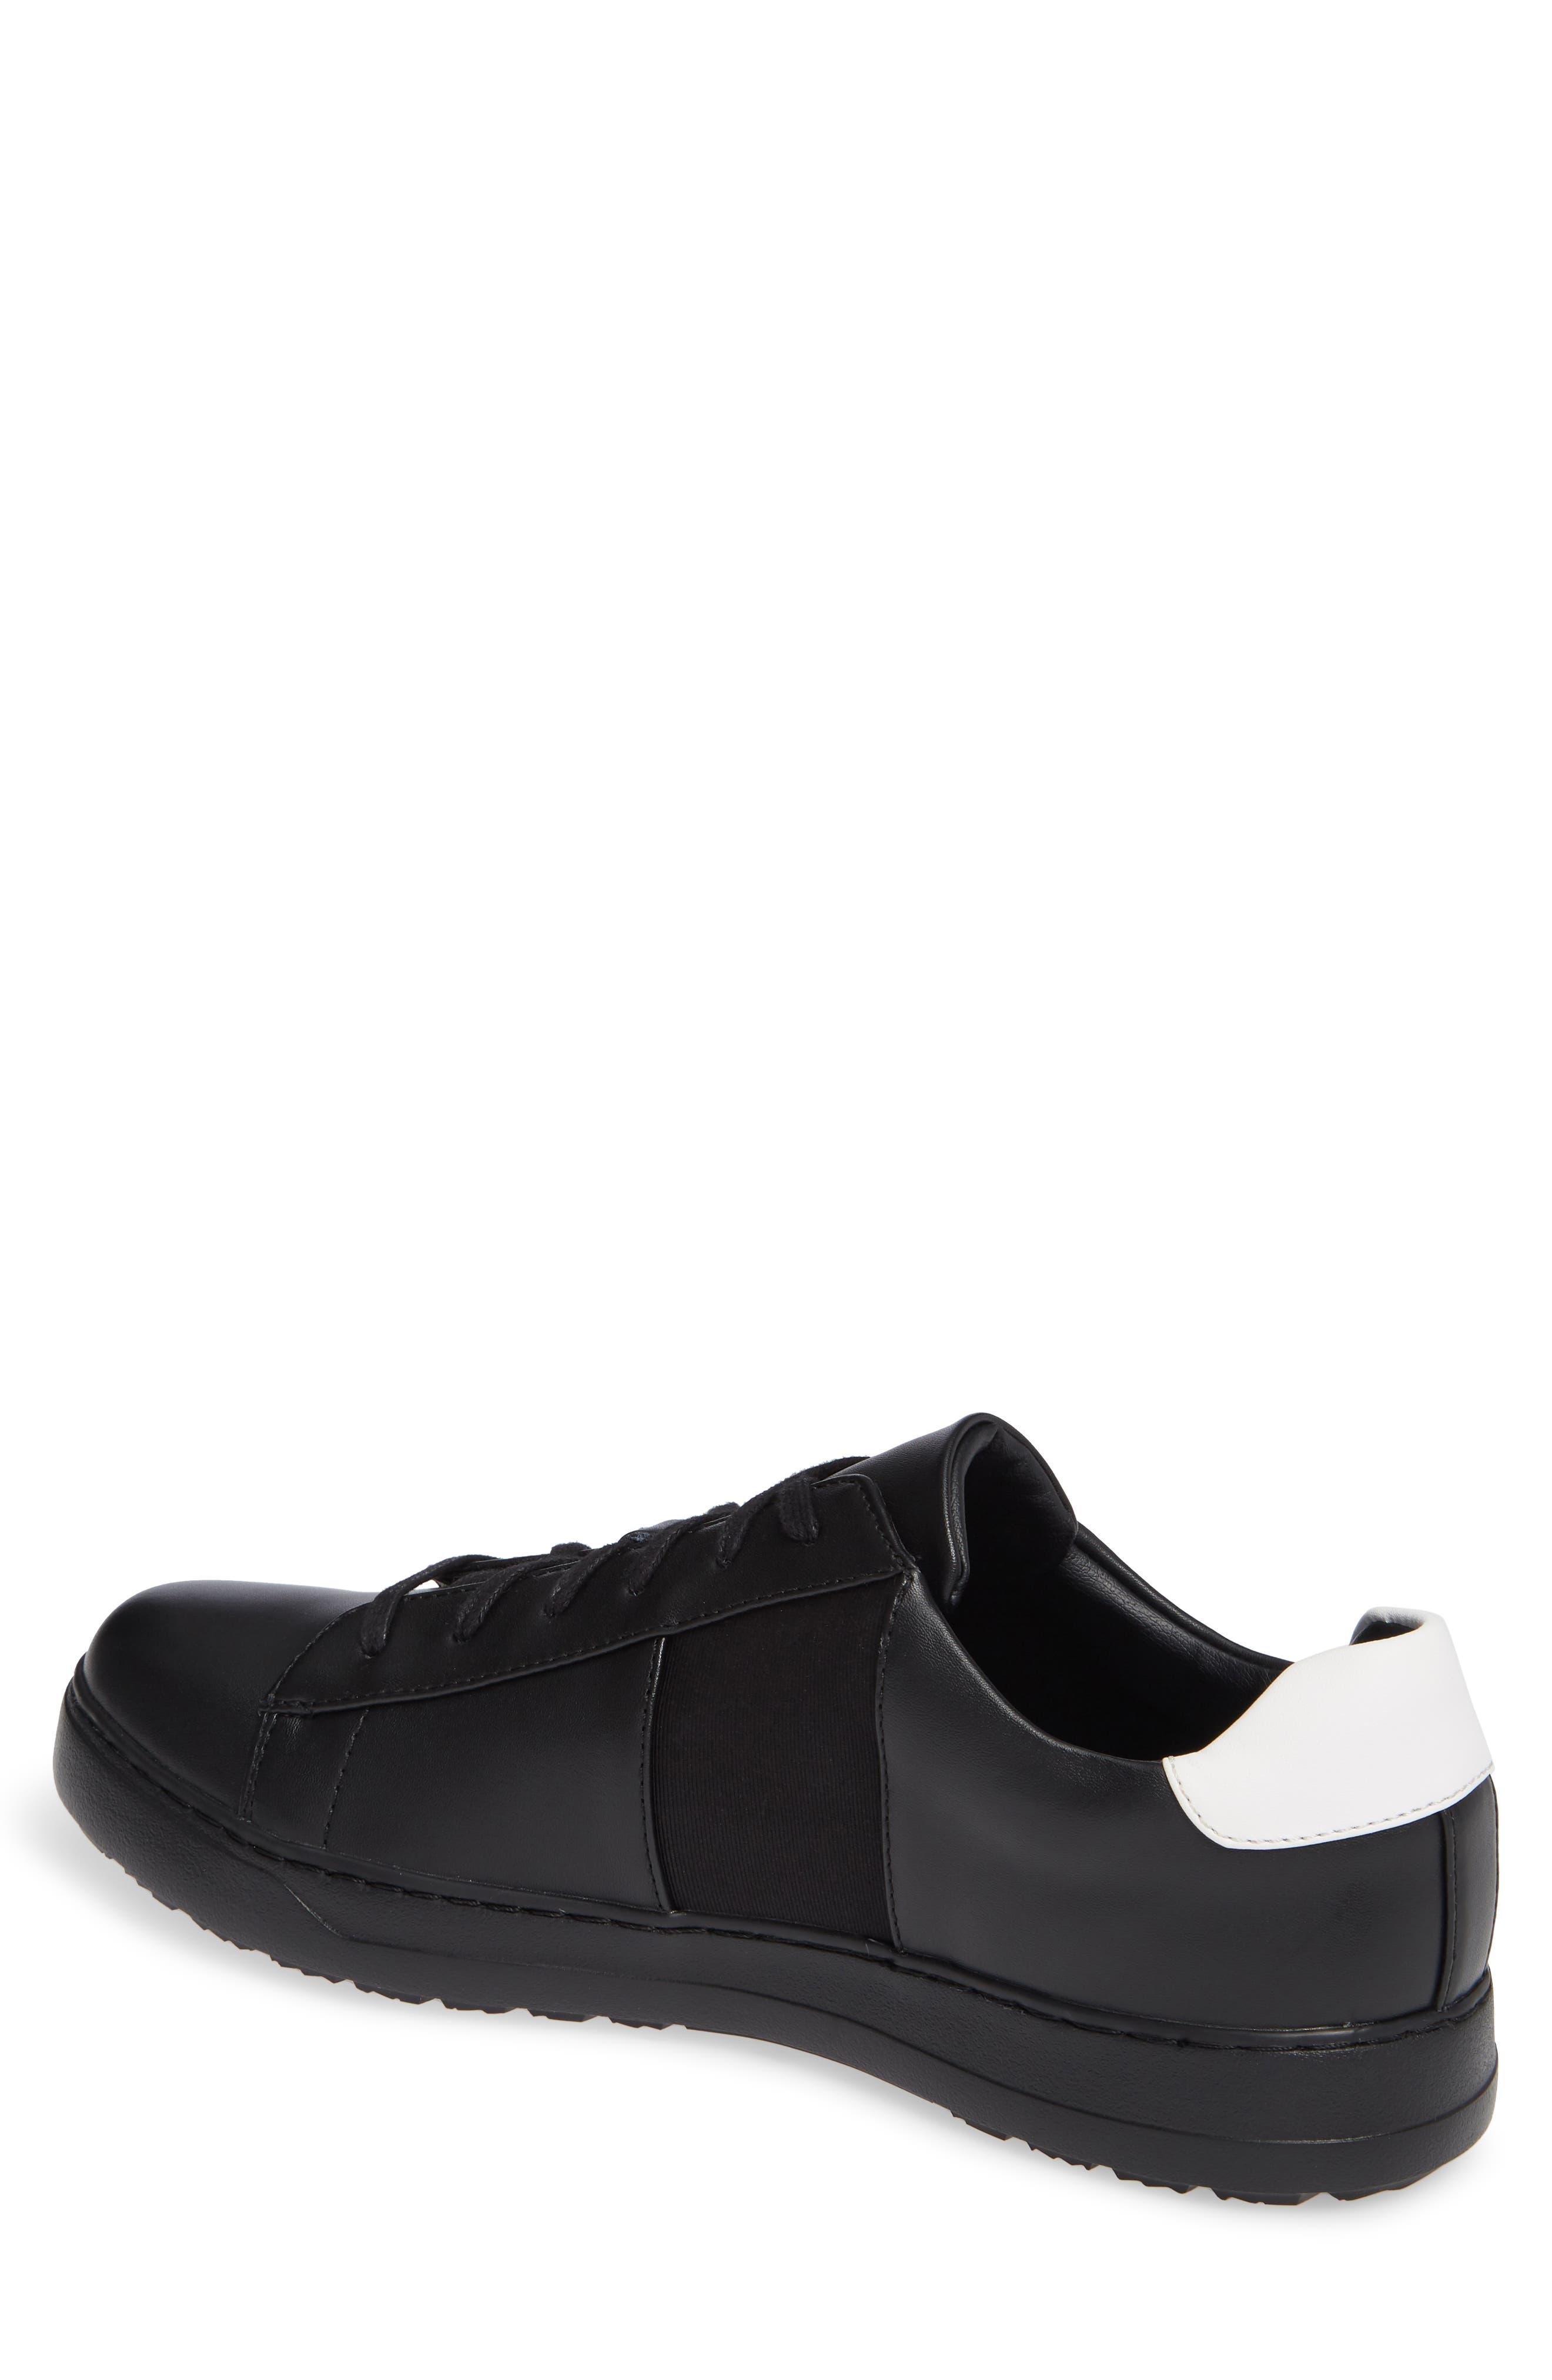 Sammy 2 Sneaker,                             Alternate thumbnail 2, color,                             BLACK LEATHER